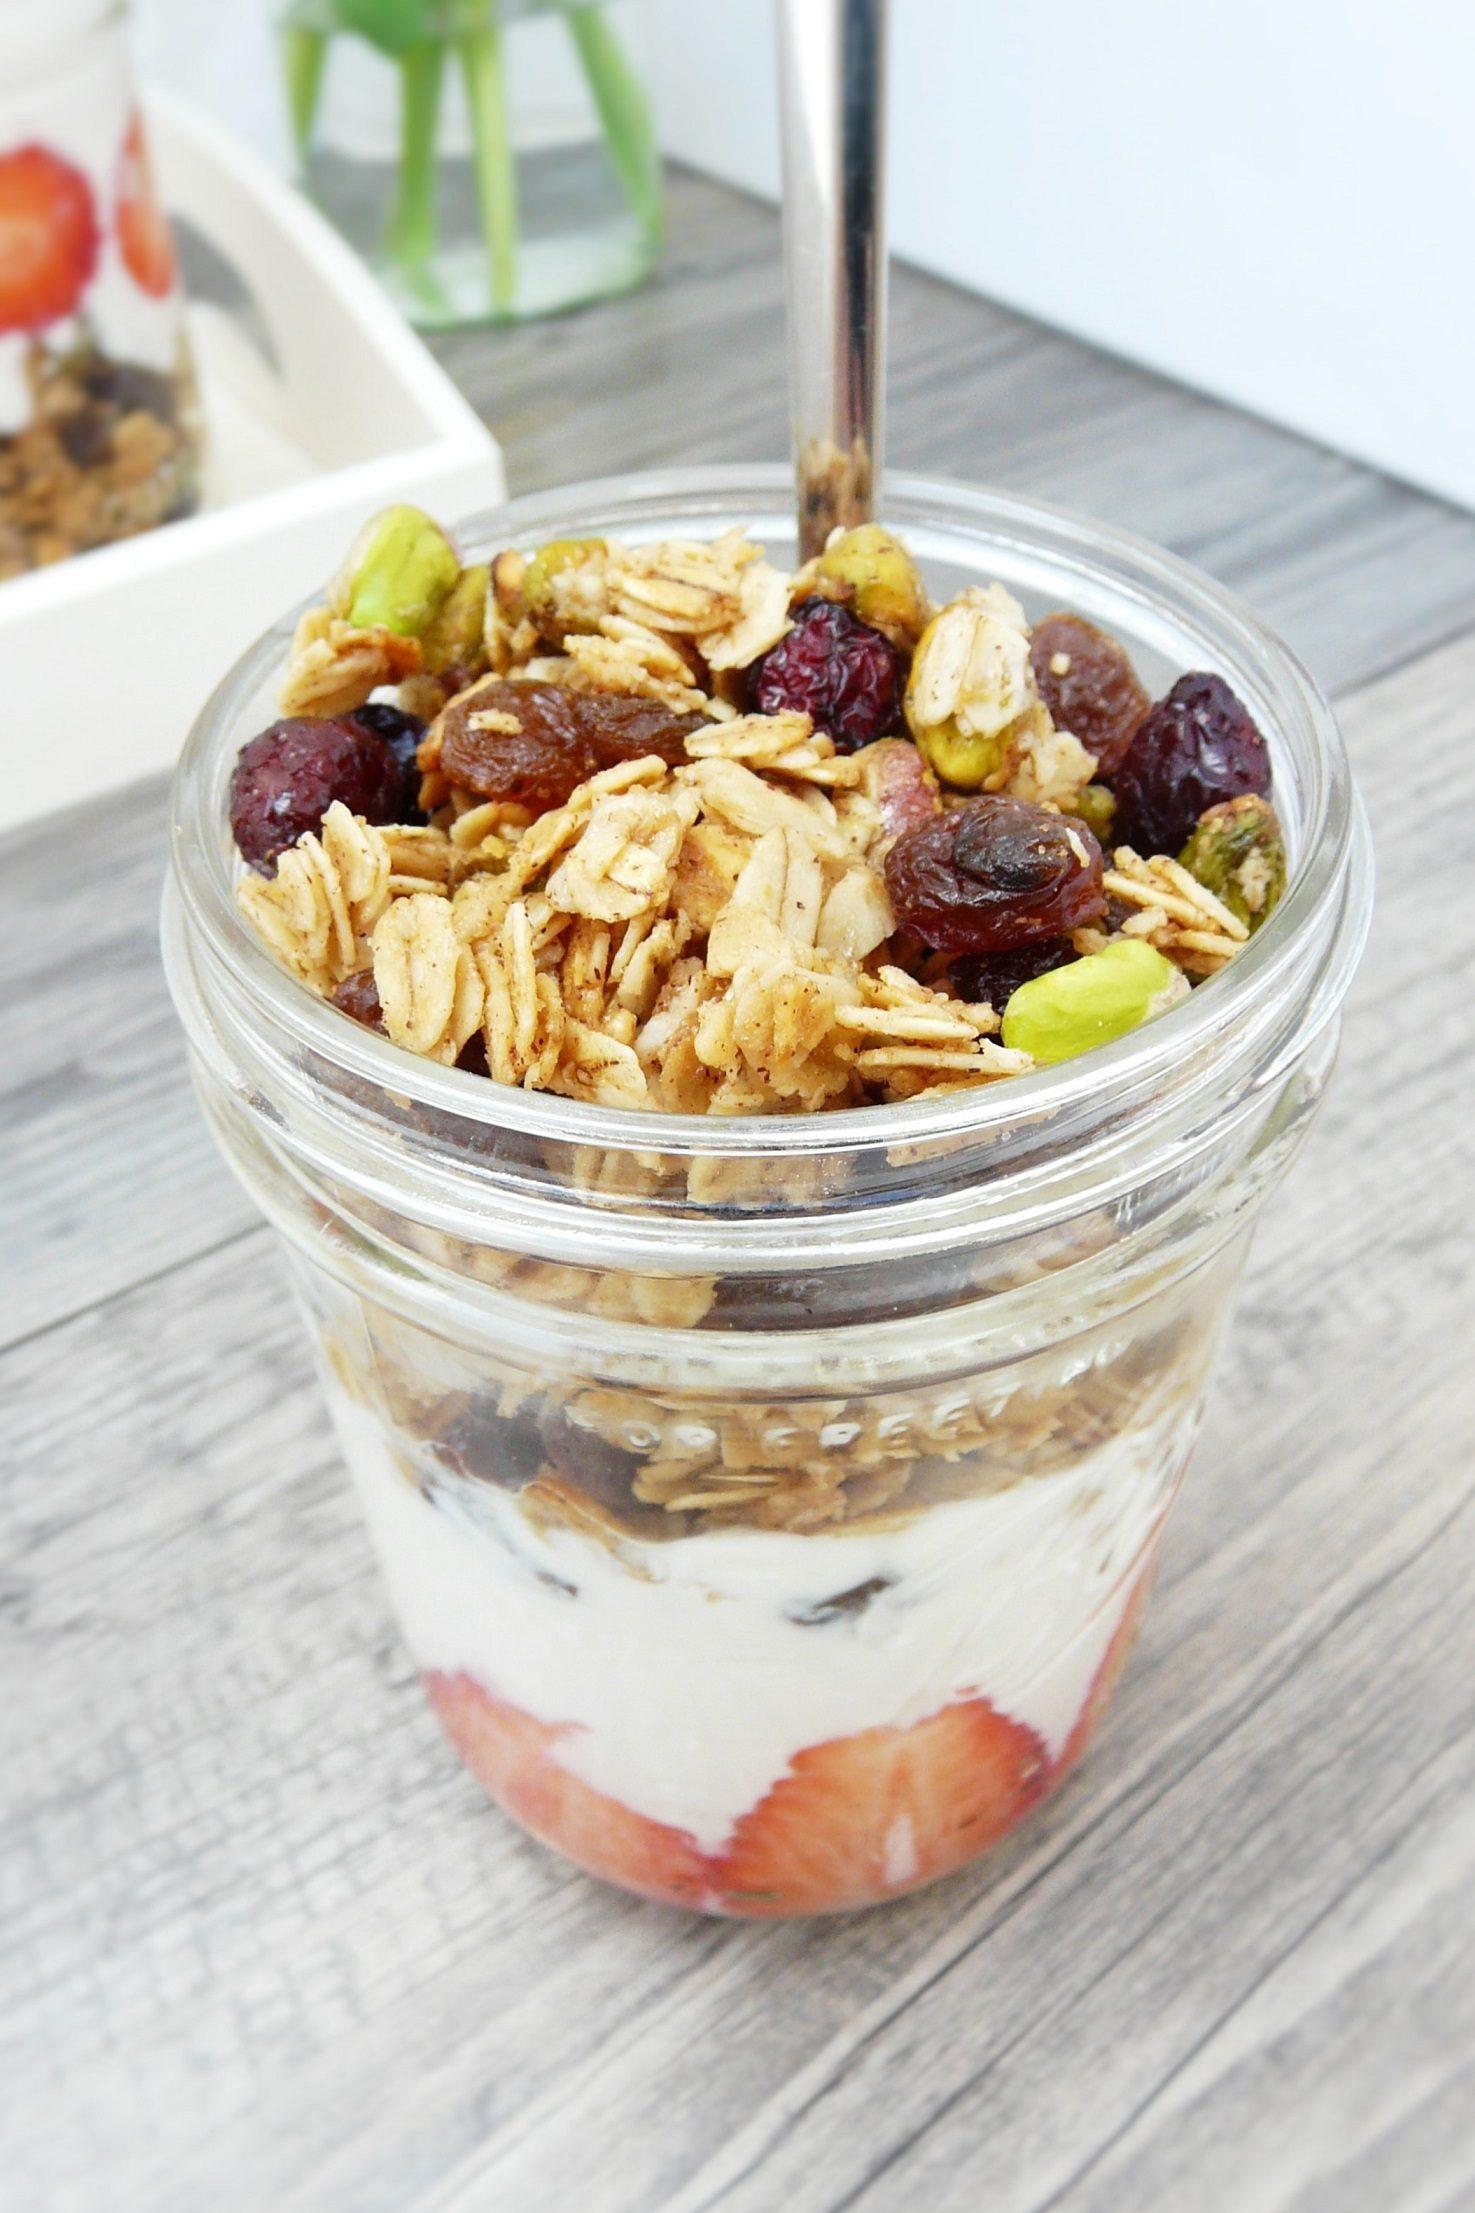 Erdbeer-Joghurt-Trifle